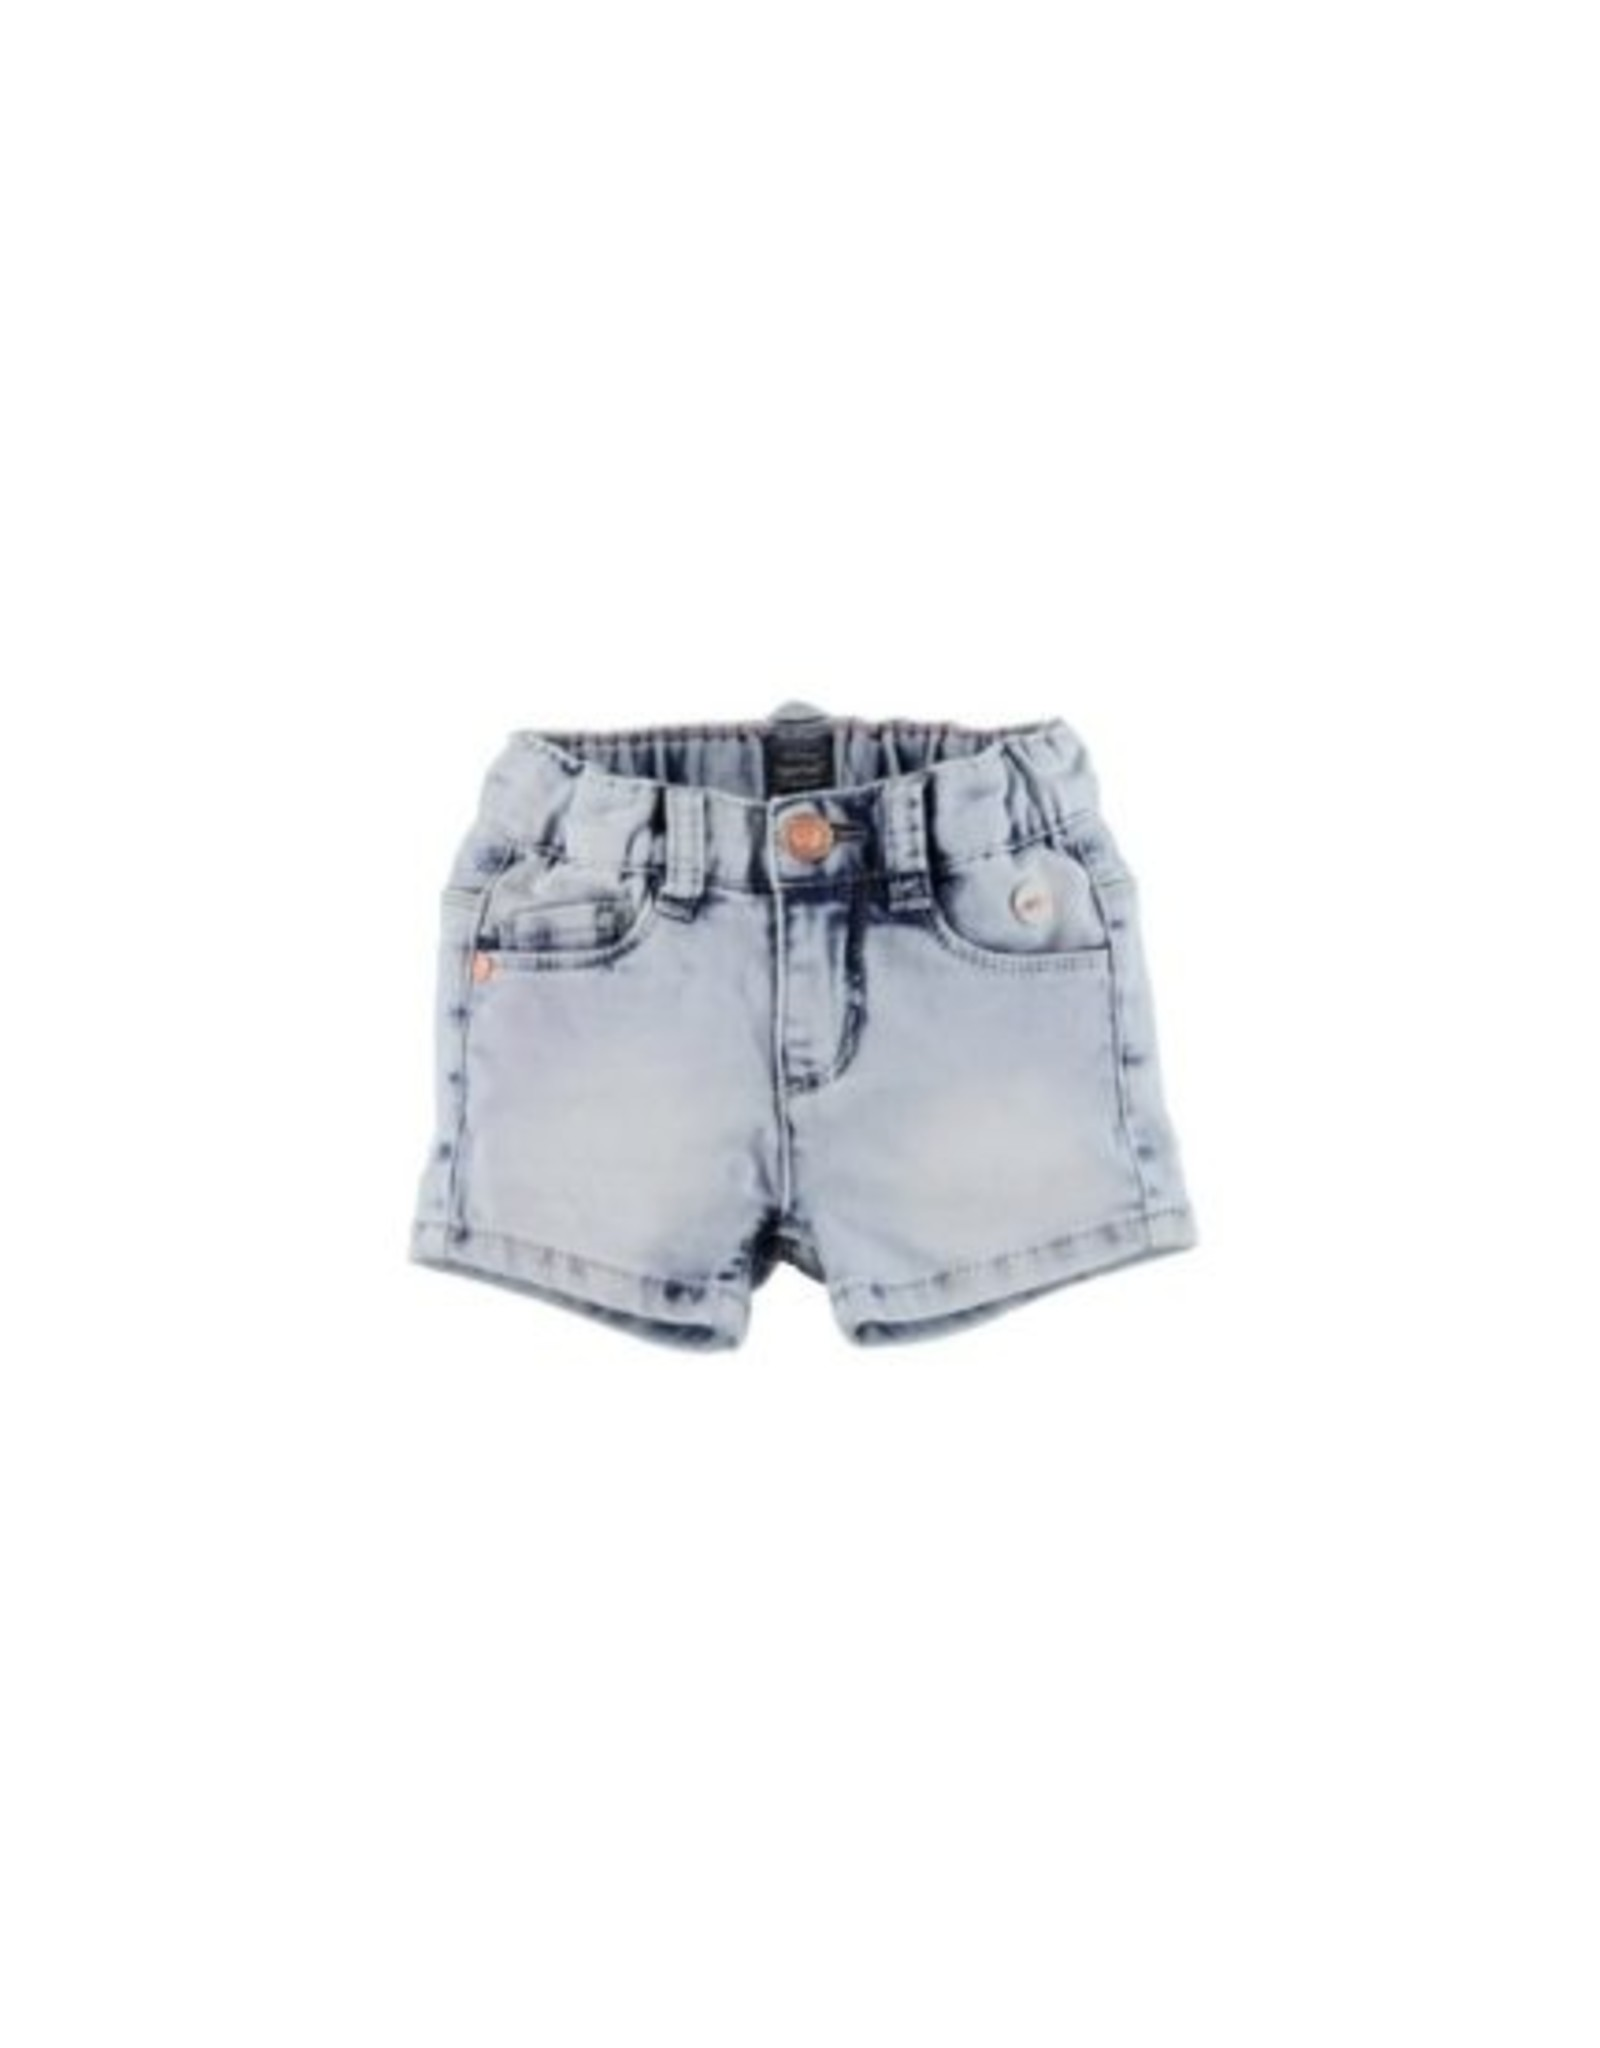 Babyface Girls jogg jeans short BLEACH DENIM